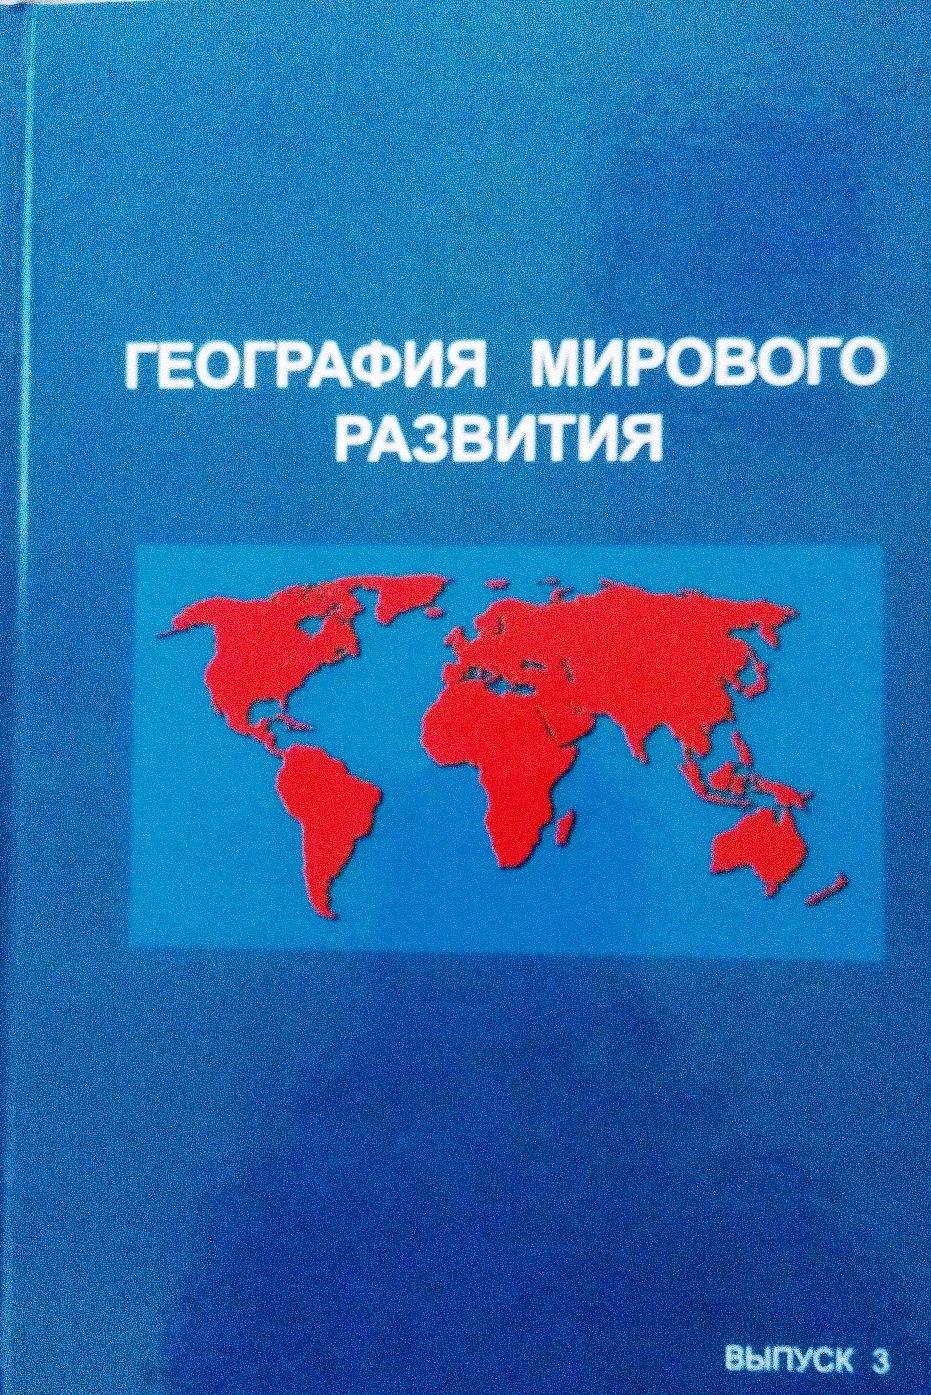 Мировые демографические процессы в XX – начале XXI веков